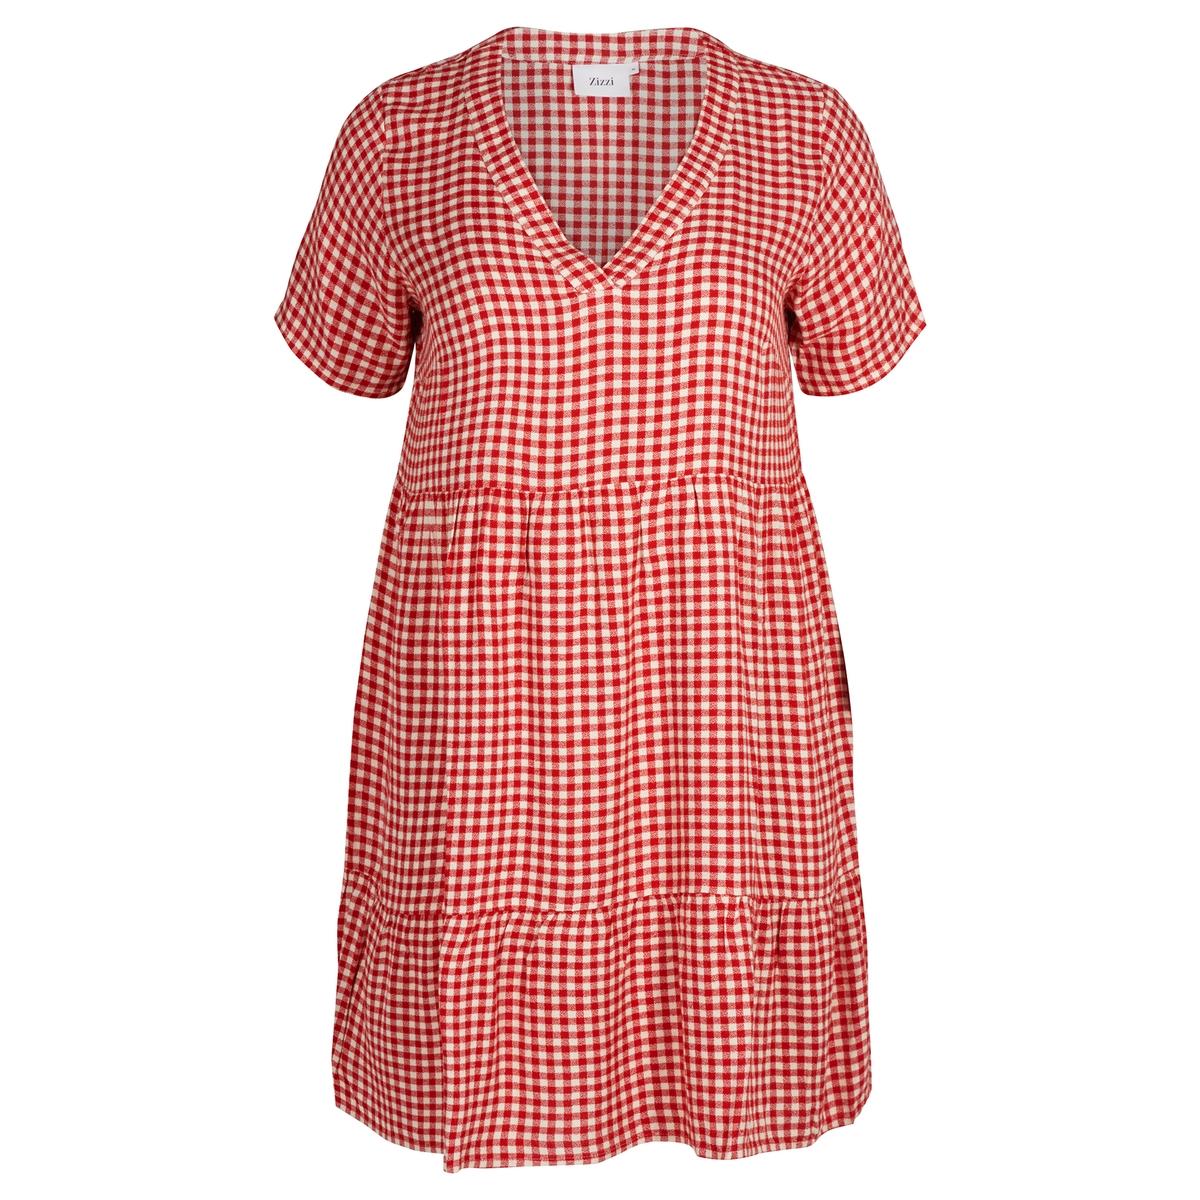 Платье расклешенное средней длины с короткими рукавамиОписание:В этом платье есть все, чтобы нам понравиться .Детали •  Форма : расклешенная •  Длина до колен •  Короткие рукава    •   V-образный вырез •  Рисунок в клеткуСостав и уход •  100% вискоза •  Следуйте рекомендациям по уходу, указанным на этикетке изделияТовар из коллекции больших размеров<br><br>Цвет: красный